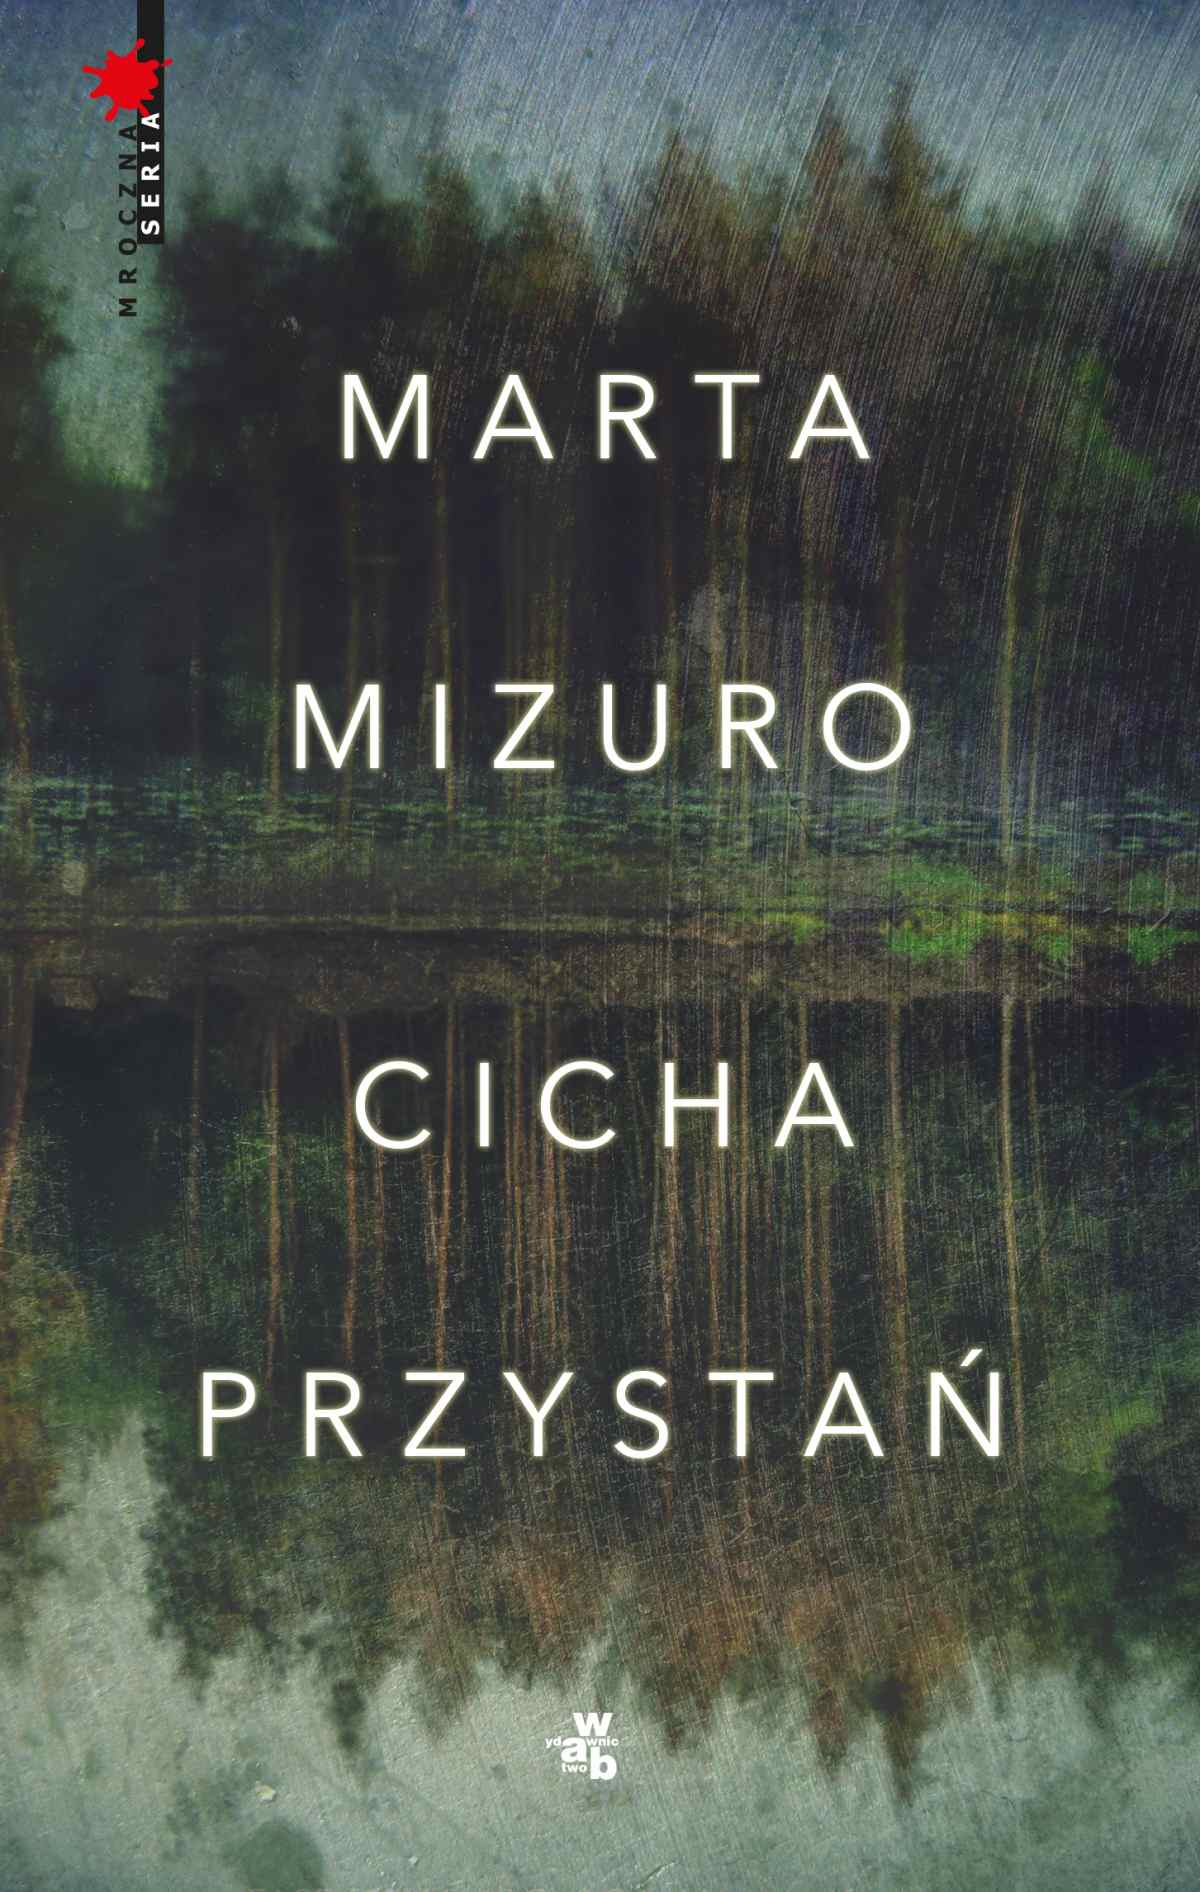 Cicha przystań - Tylko w Legimi możesz przeczytać ten tytuł przez 7 dni za darmo. - Marta Mizuro